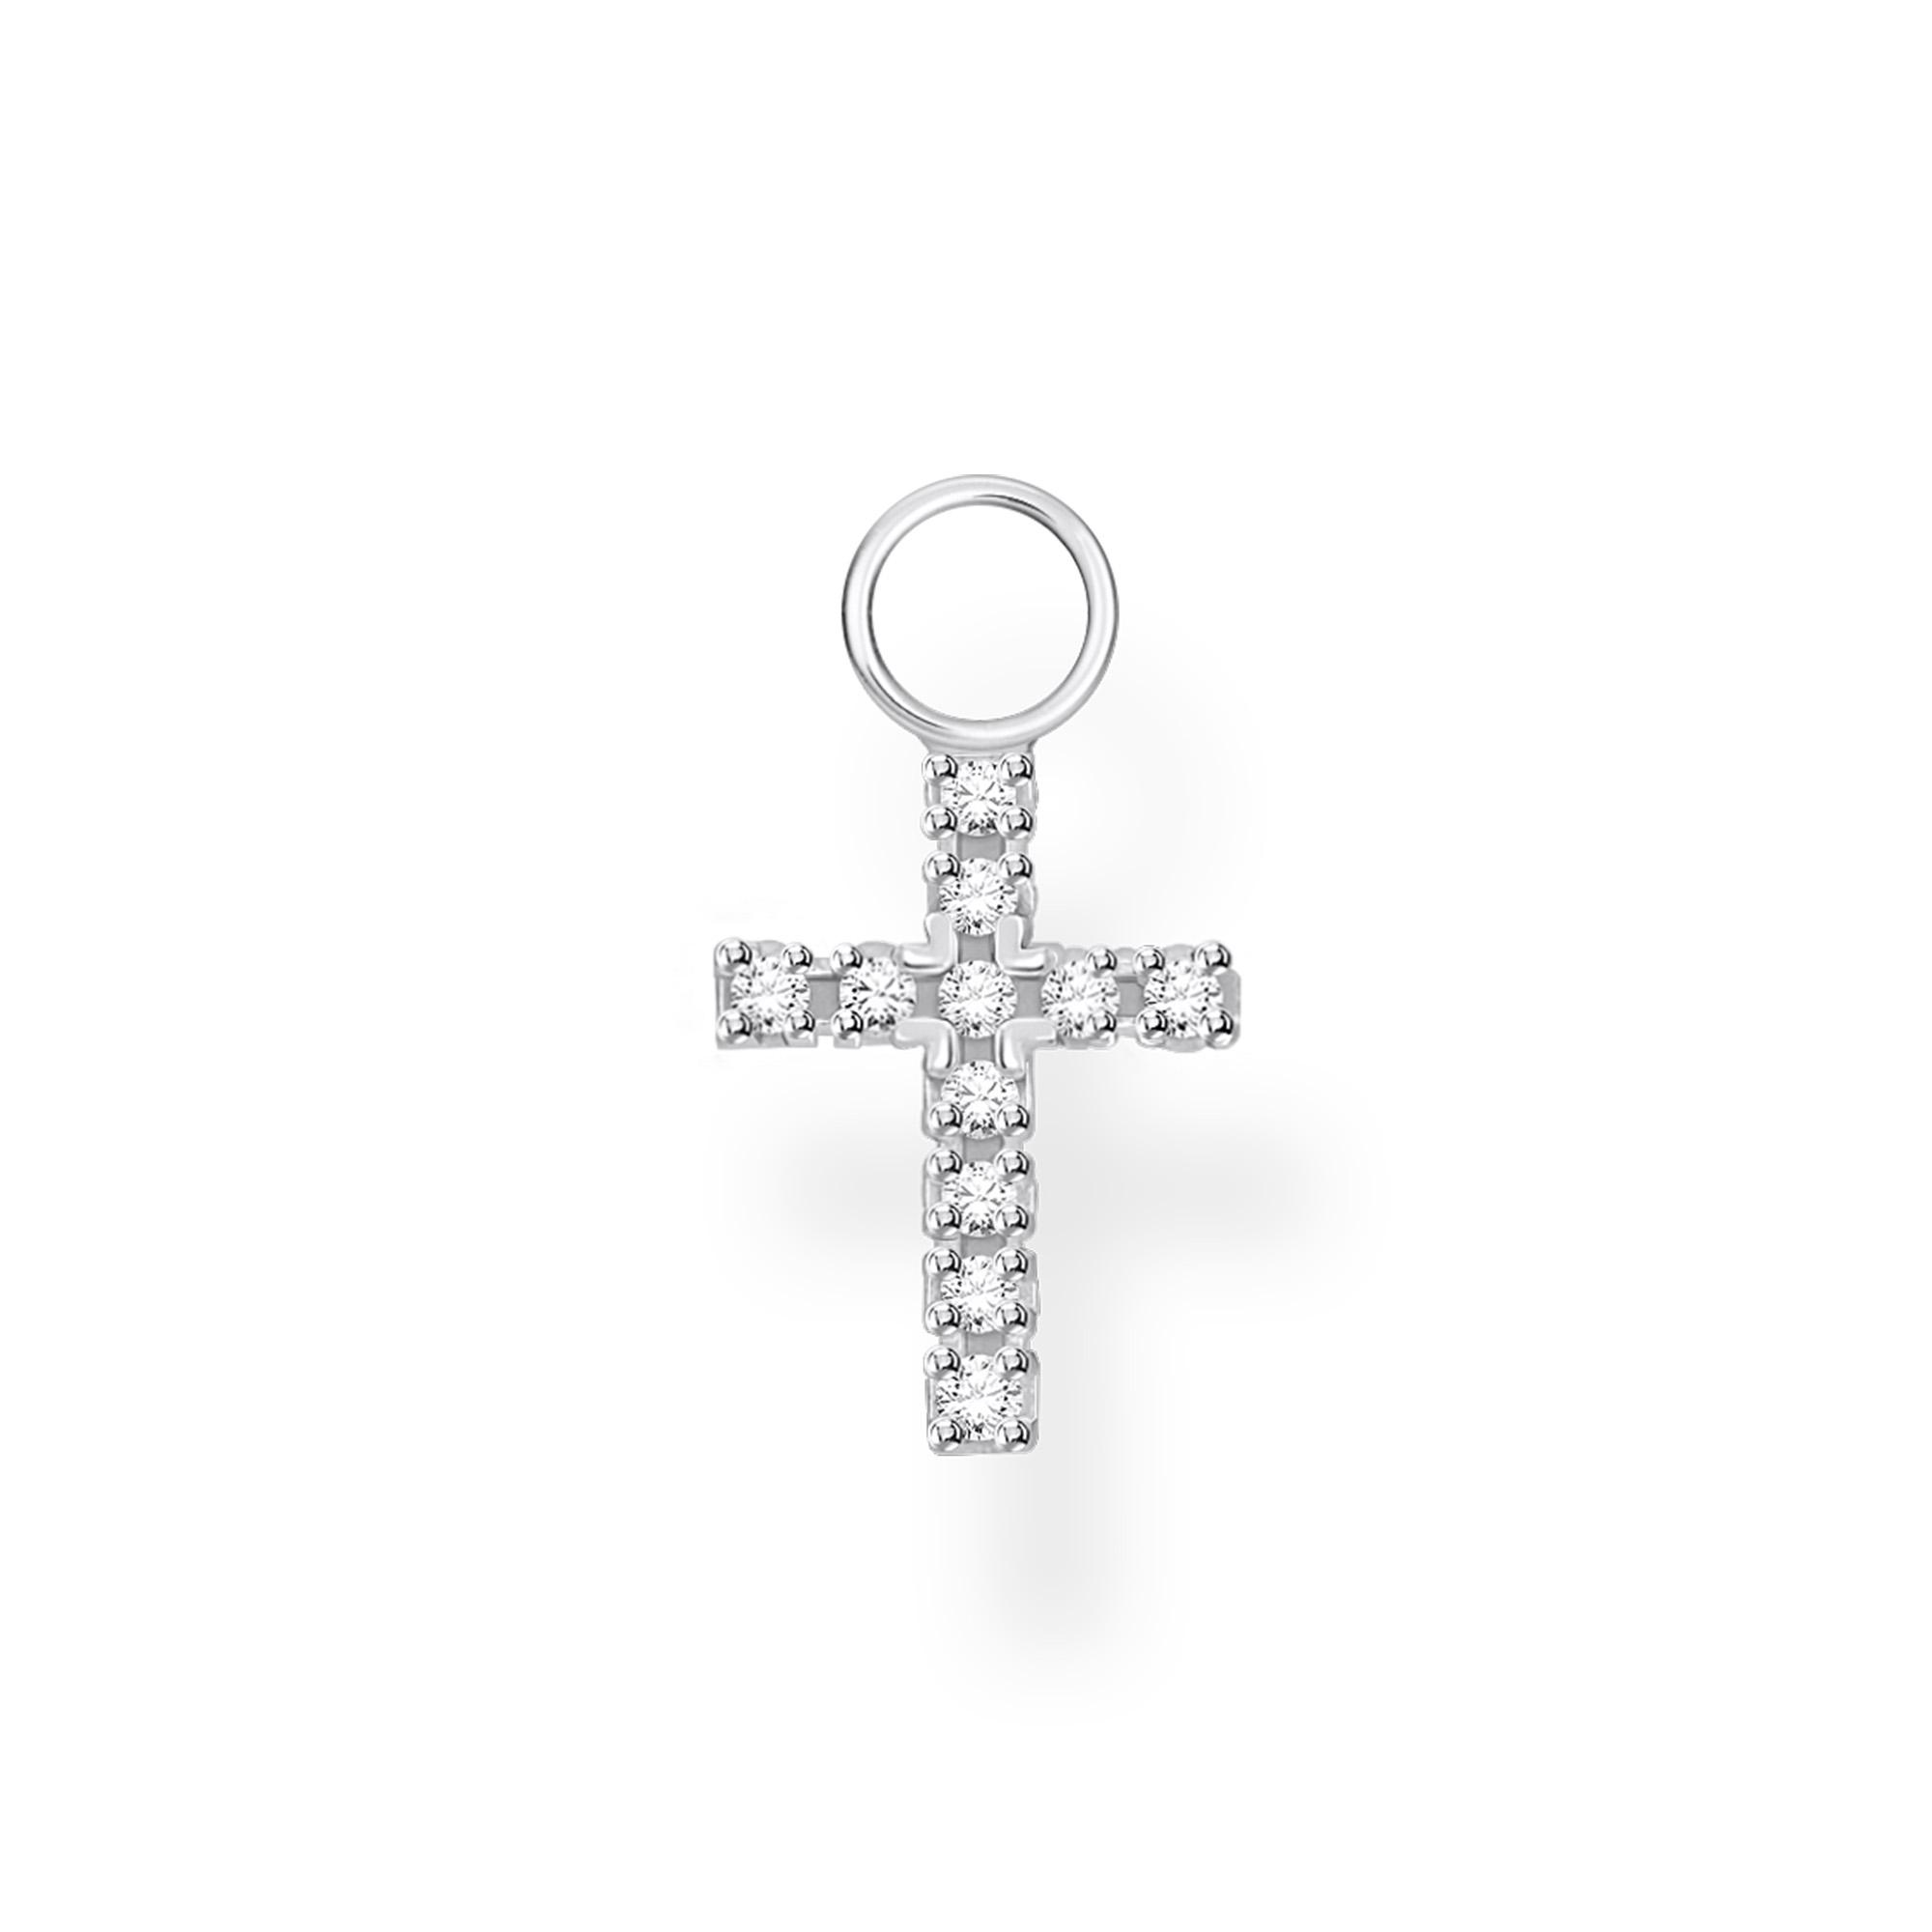 Pendentif pour boucle d'oreille unique croix, Thomas Sabo